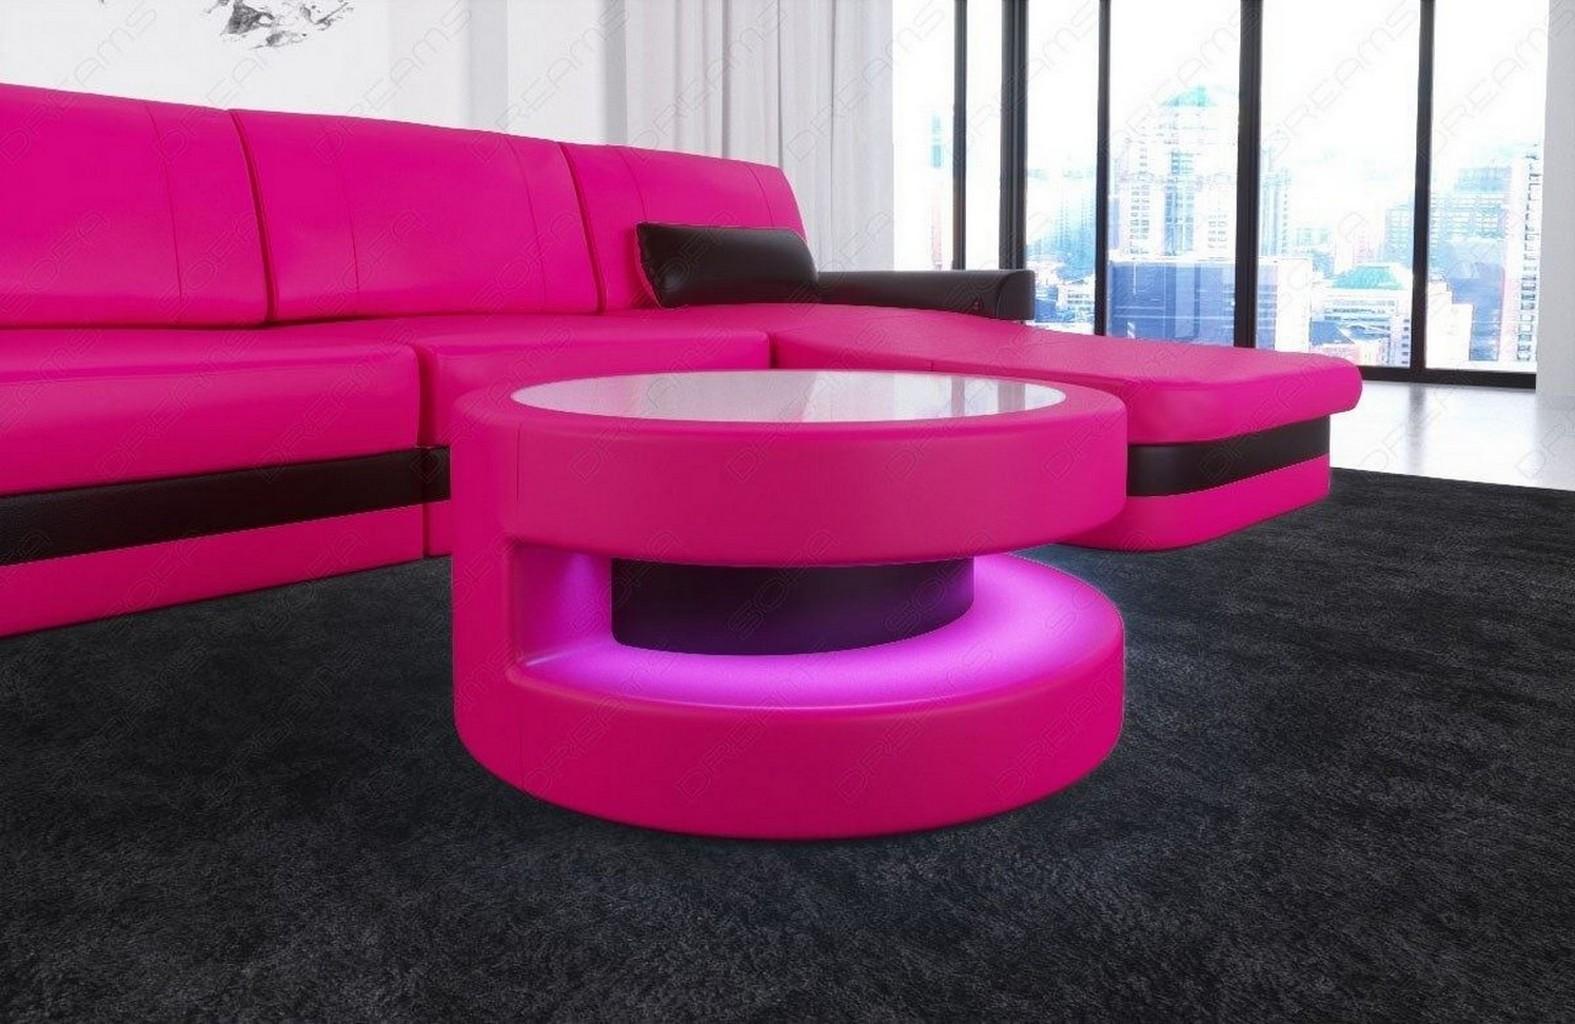 Runder couchtisch modena design wohnzimmertisch led beleuchtung leder farbwahl ebay - Couchtisch led beleuchtung ...